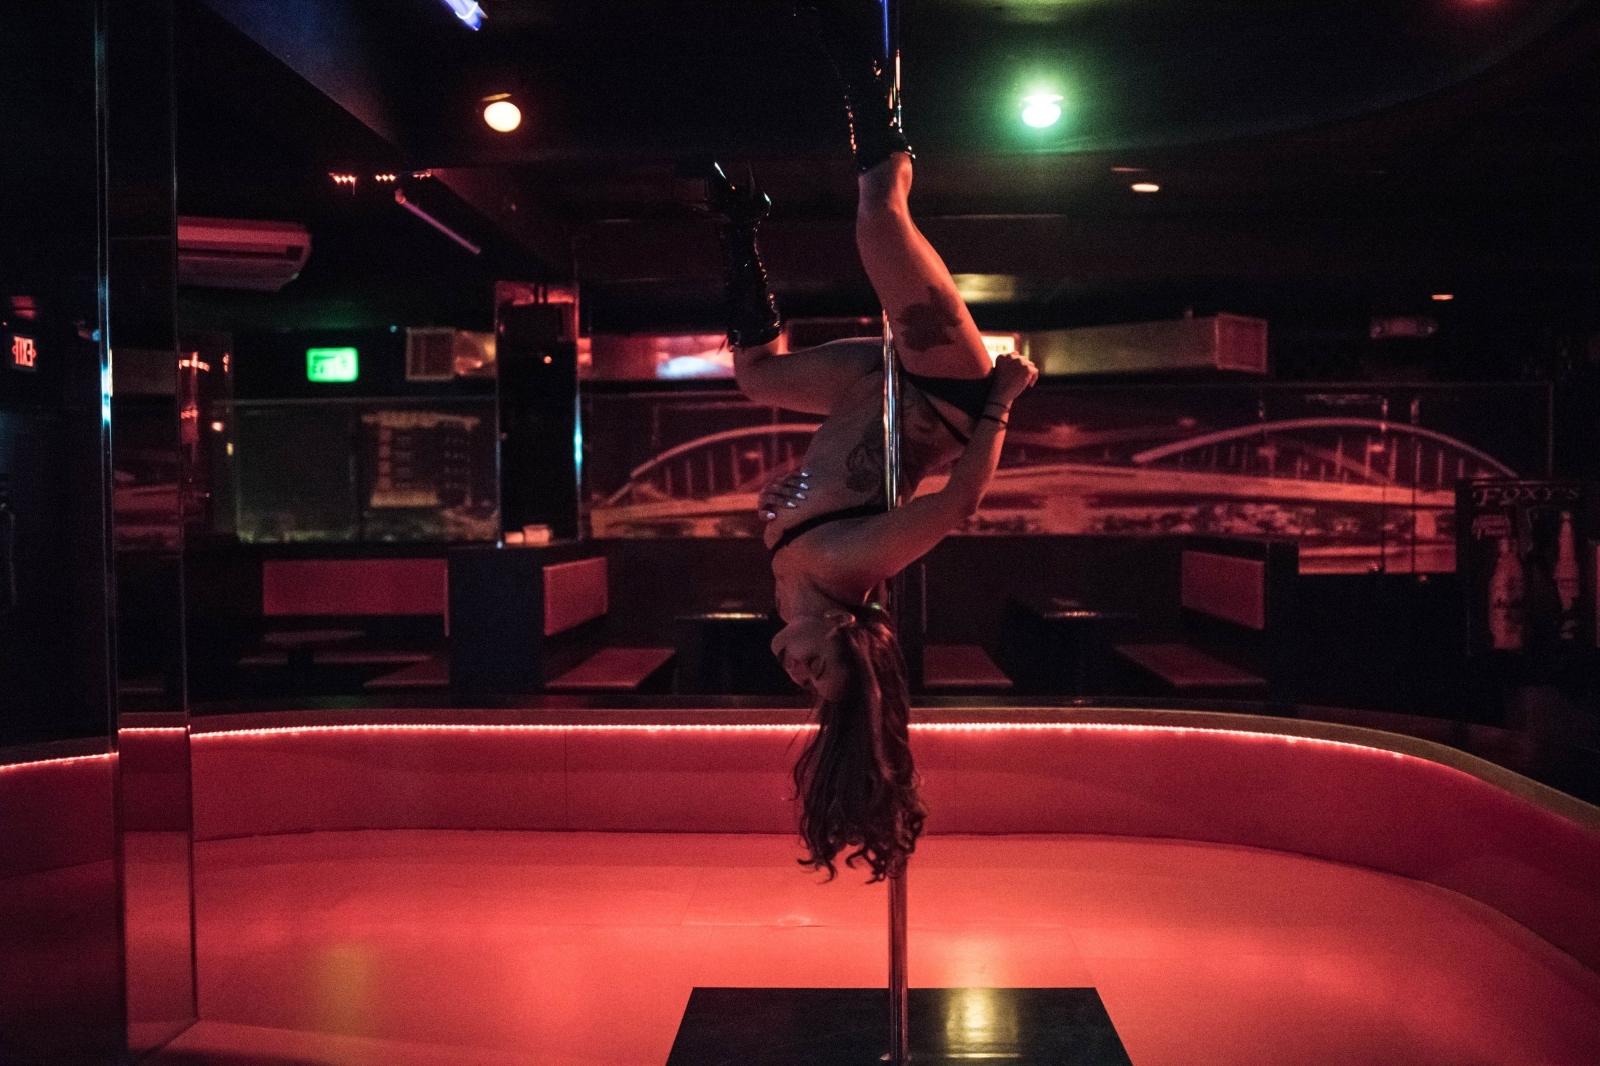 strip club